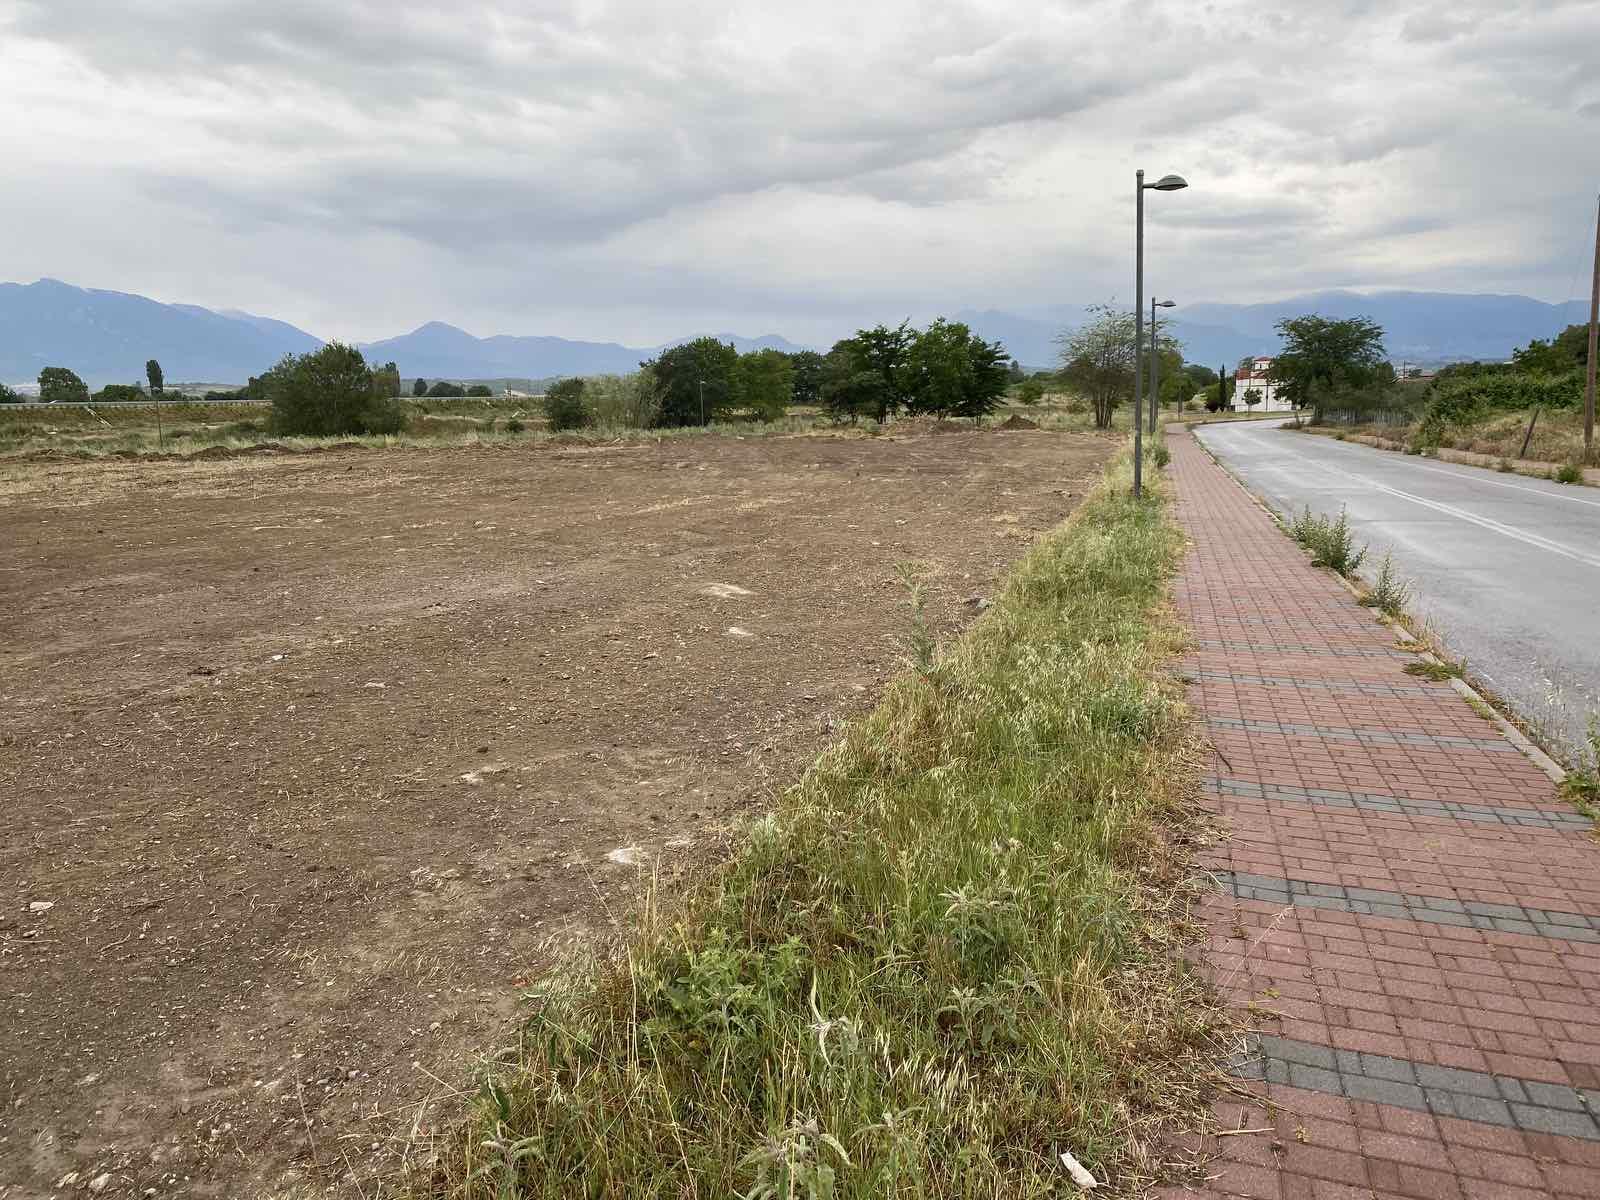 Επιχείρηση καθαρισμού στην περιοχή του Πέλεκα – «Πληγή» η ανεξέλεγκτη ρίψη μπαζών